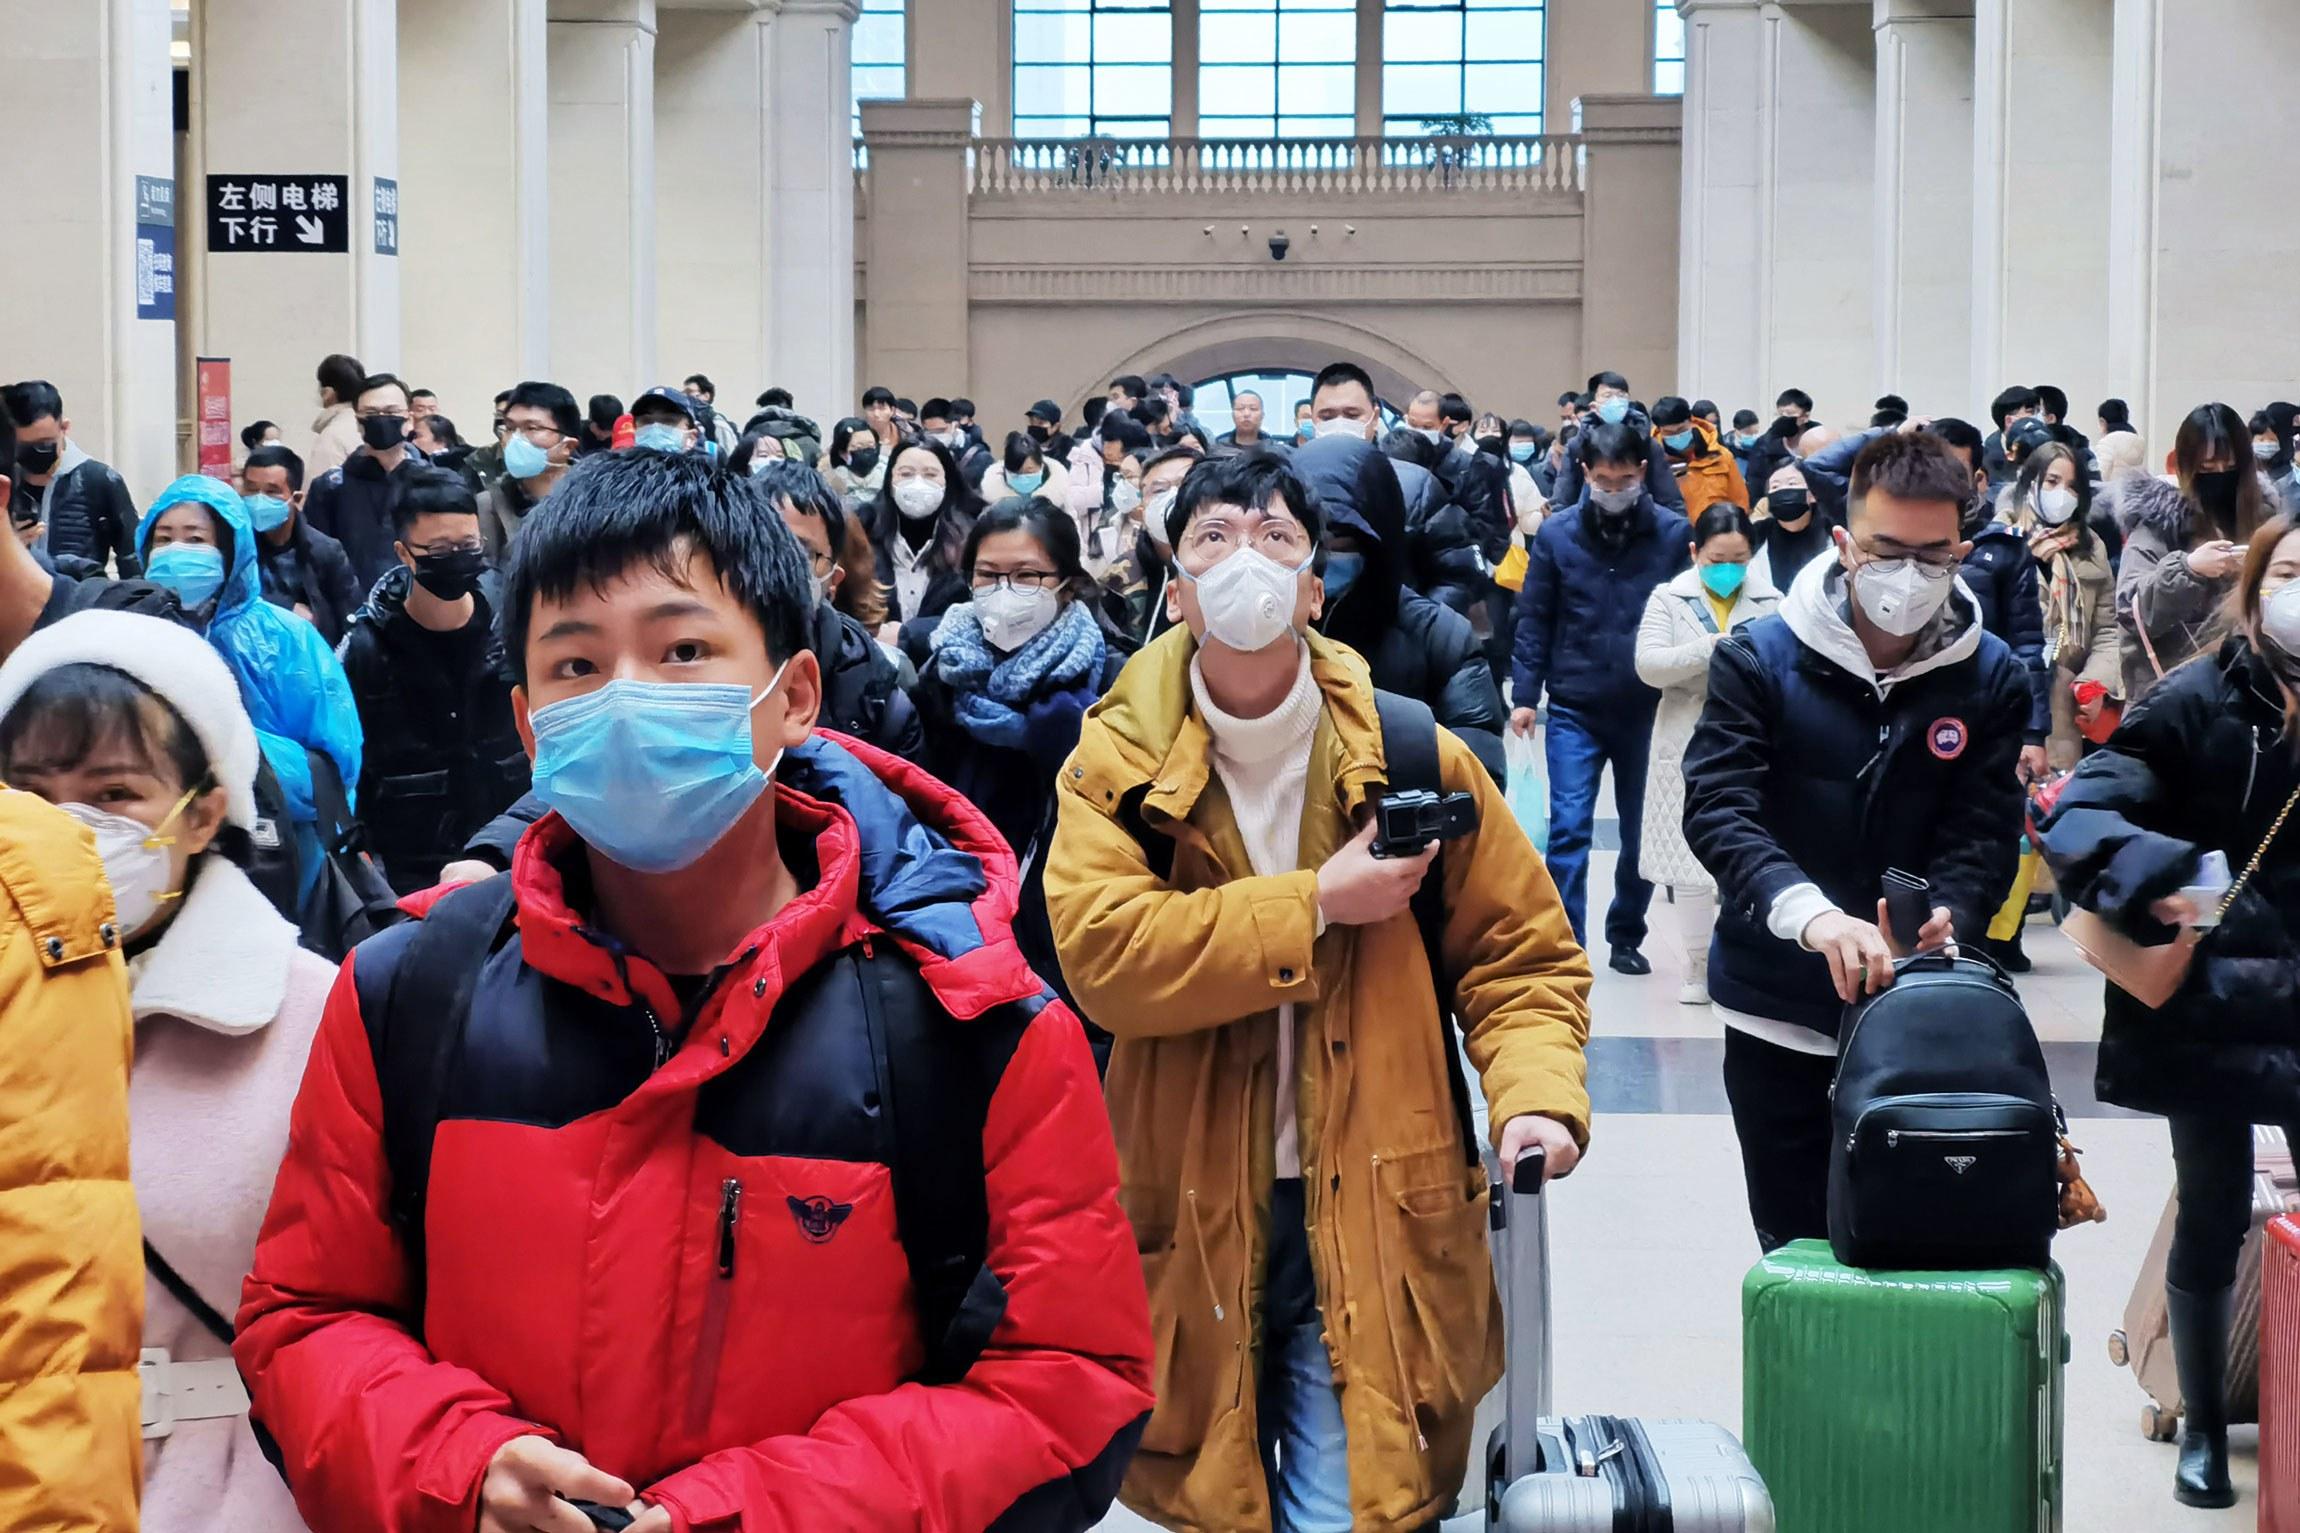 """الادعاء بارتباط كورونا بمختبر في ووهان الصينية محض """"تخمين"""""""